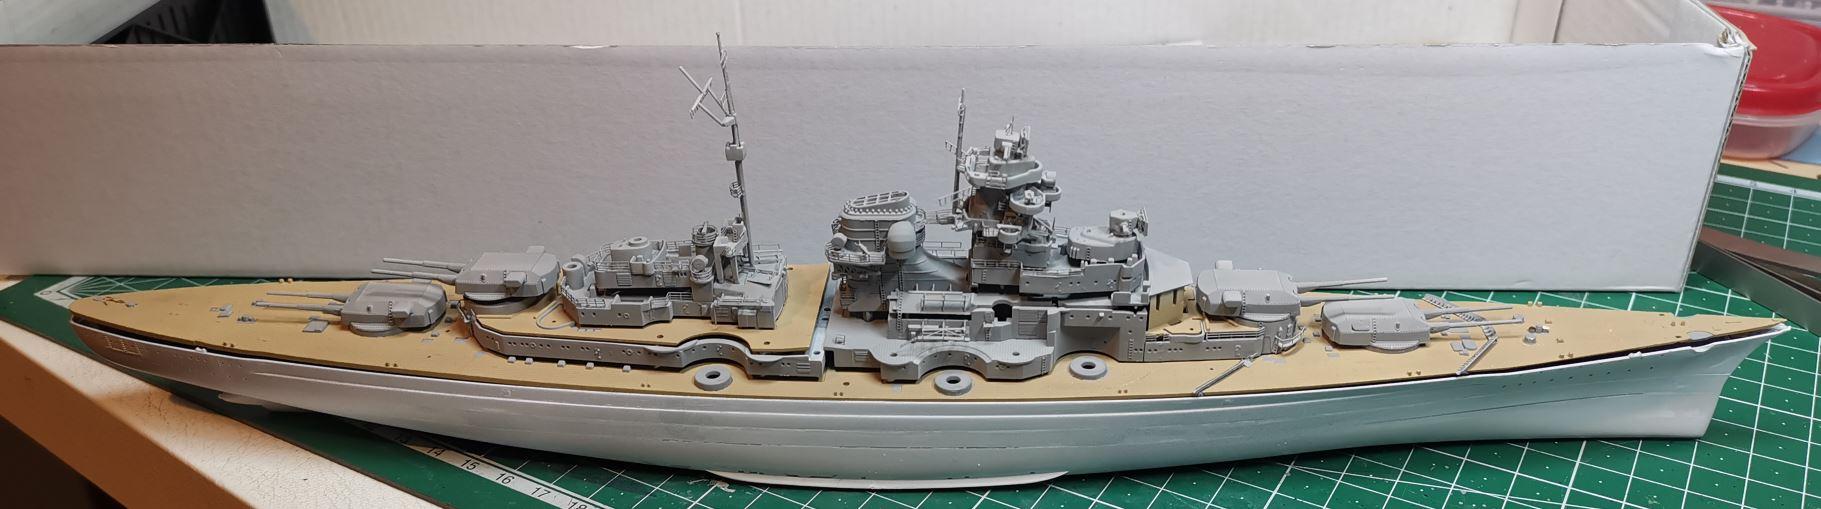 Bismarck MENG au 1/700e kit de PE Eduard - Page 5 Bismar29